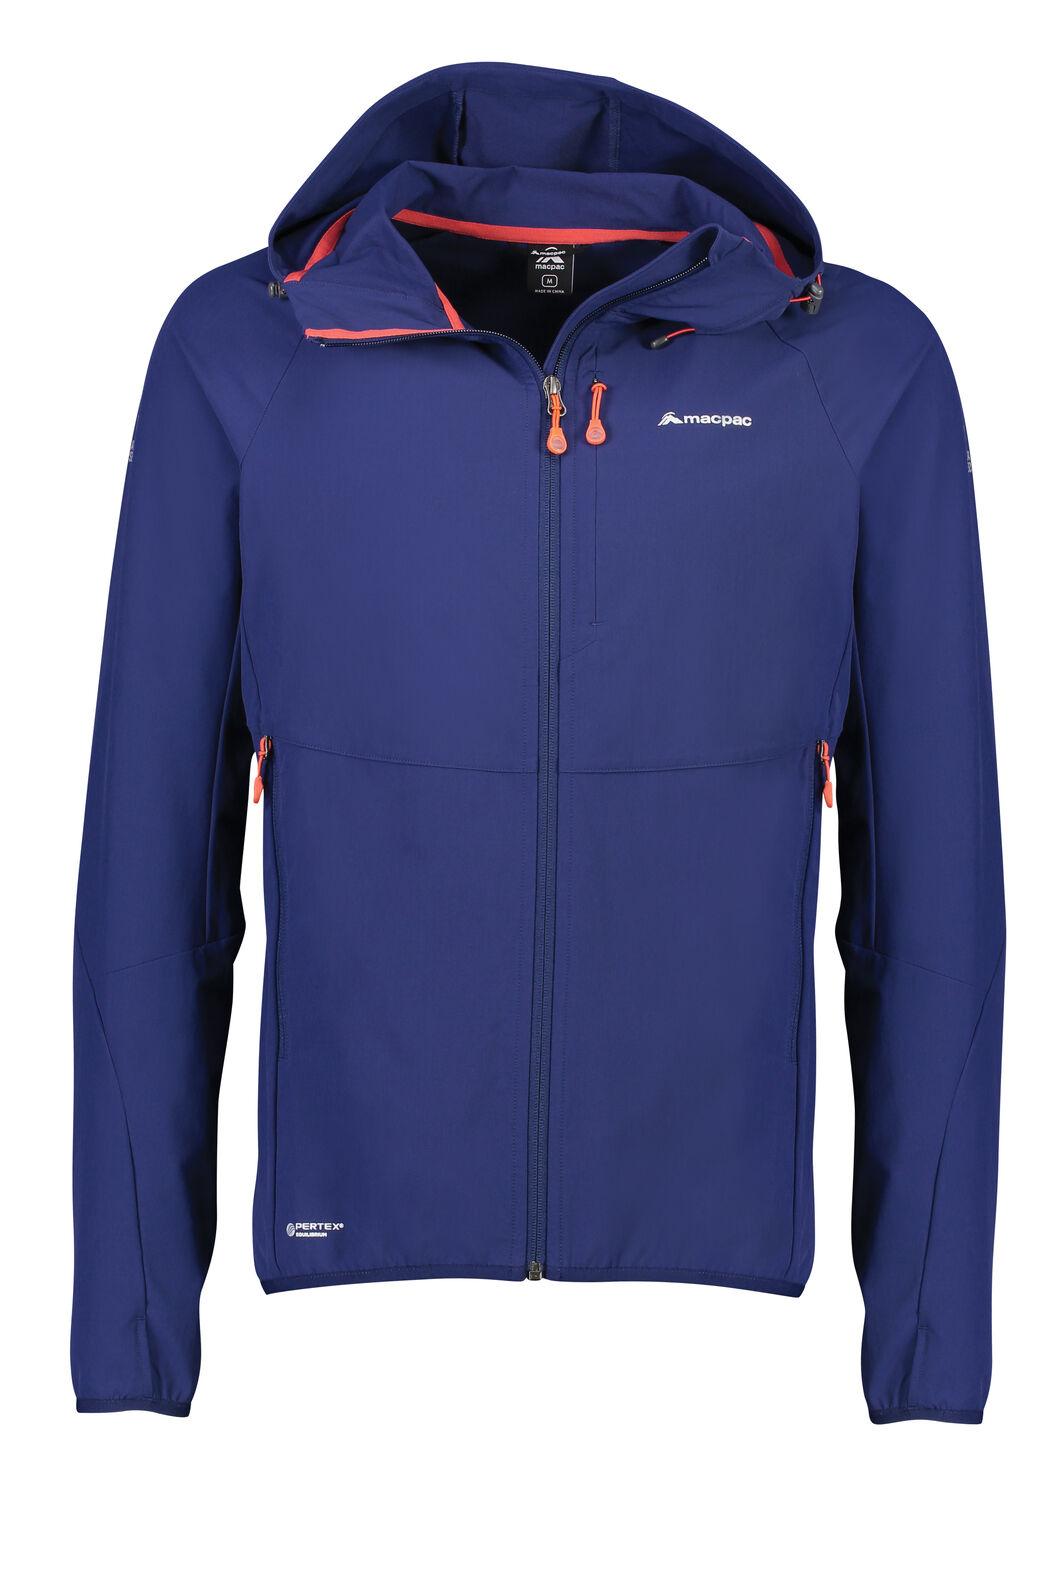 Mannering Hooded Jacket - Men's, Medieval Blue, hi-res